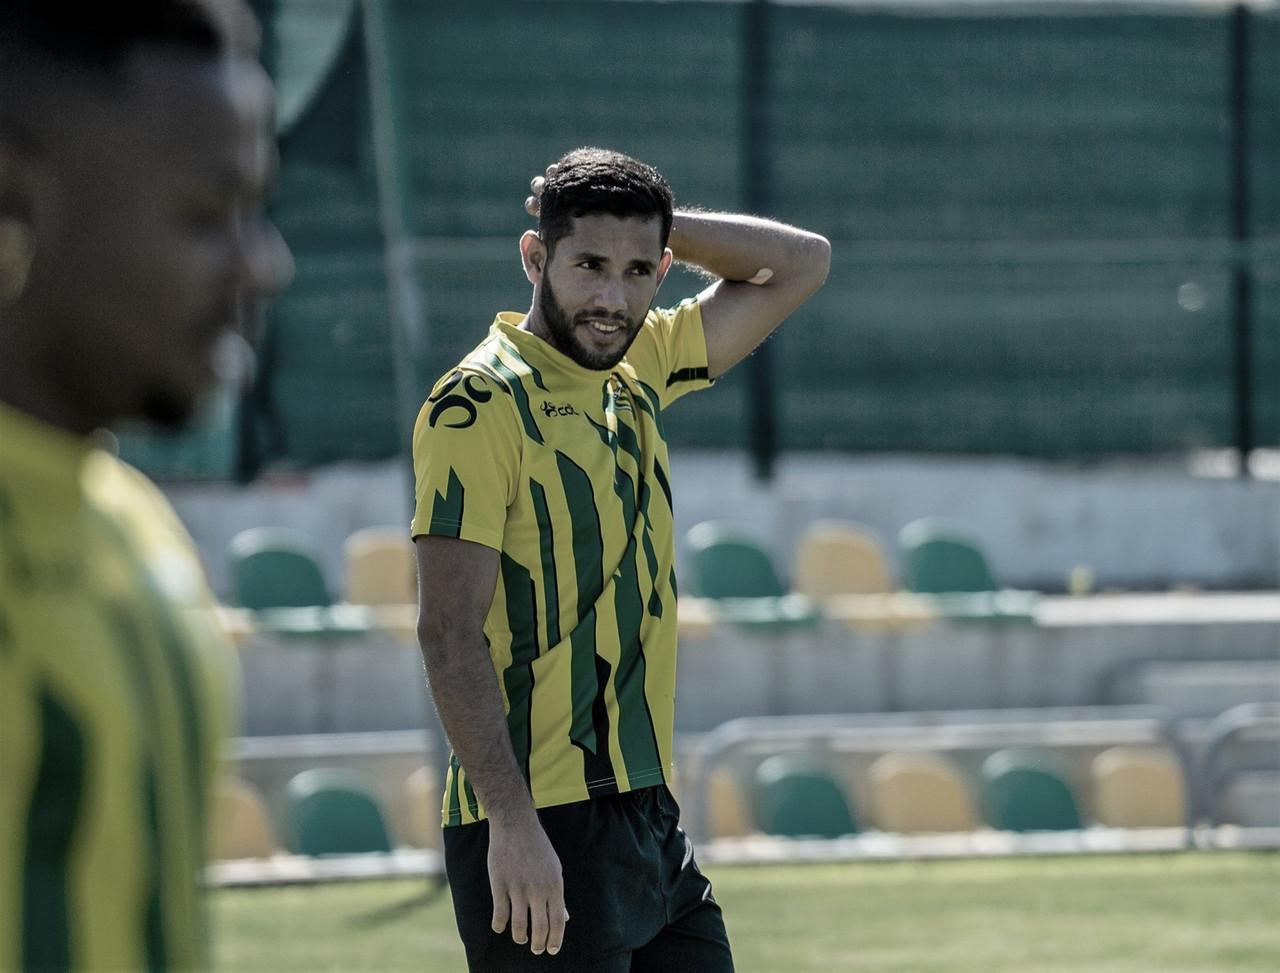 Bebeto destaca potencial do elenco e fala sobre evolução do Tondela na temporada